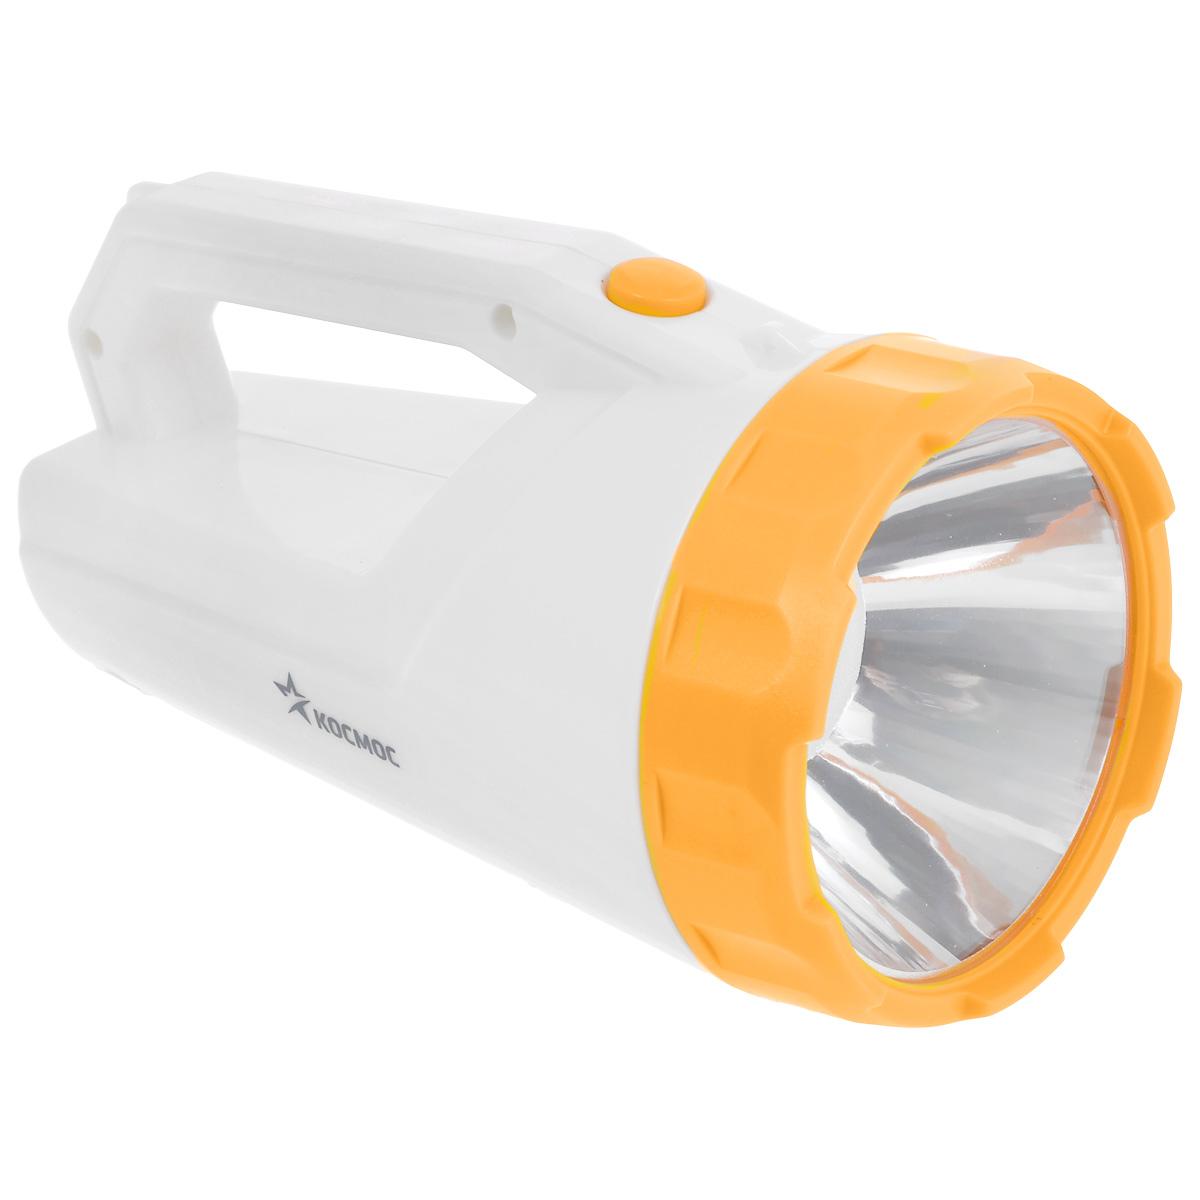 Фонарь-прожектор аккумуляторный Космос, цвет: белый. Модель 9191